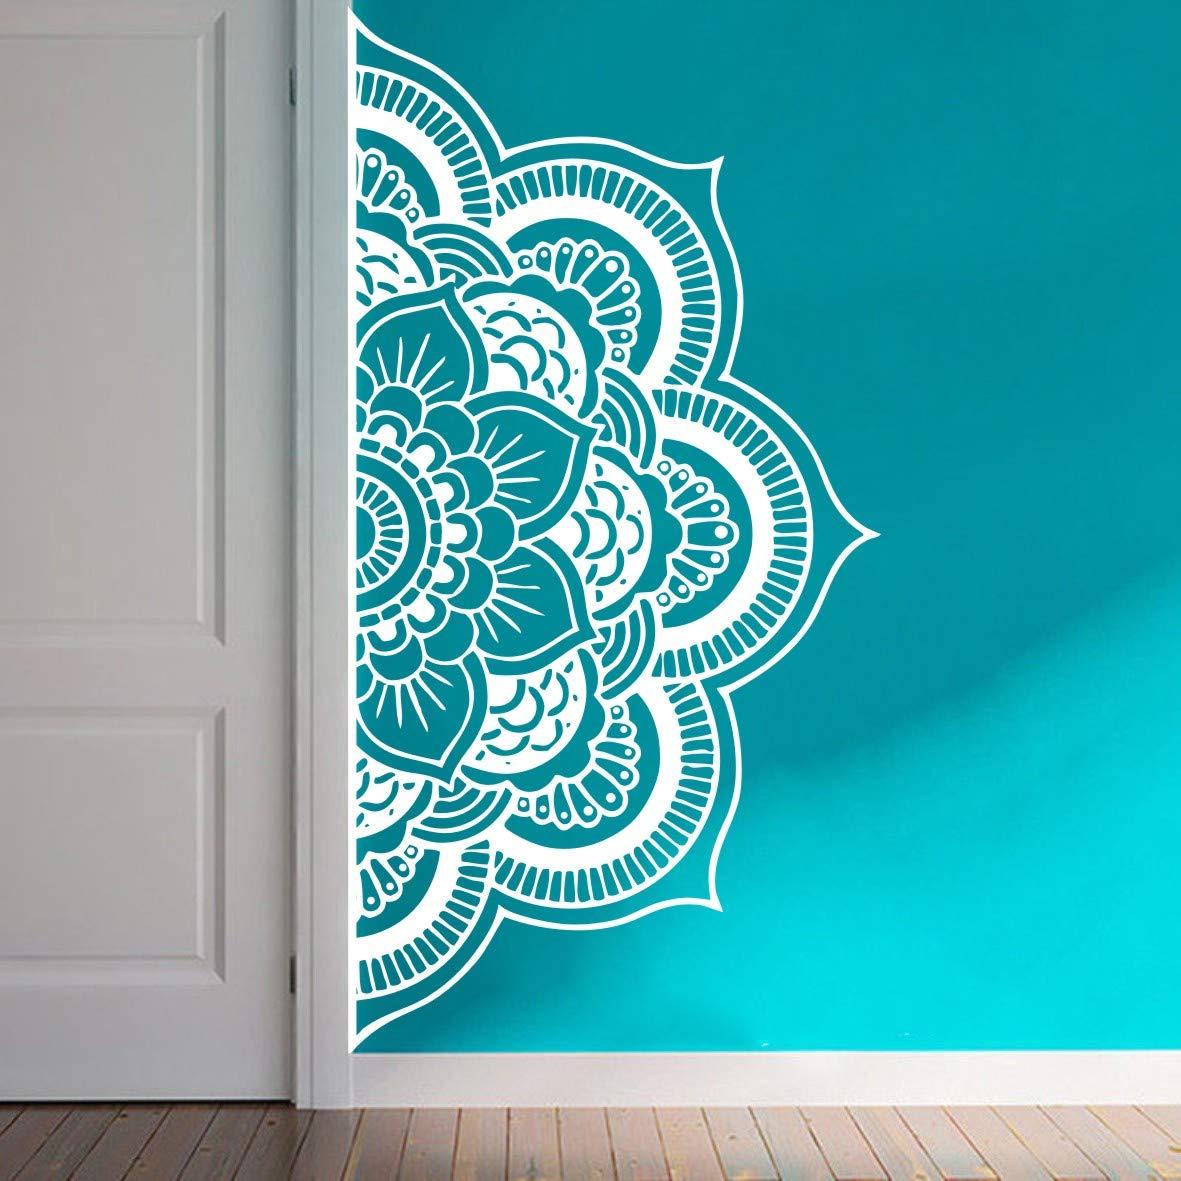 YOYOYU Wall Decal Half Mandala Headboard Wall Sticker Yoga Boho Indian OM Mandala Flower Wall Sticker Art Living Room Interior Bed Decor Sticker Mural Y022 57X109CM, White